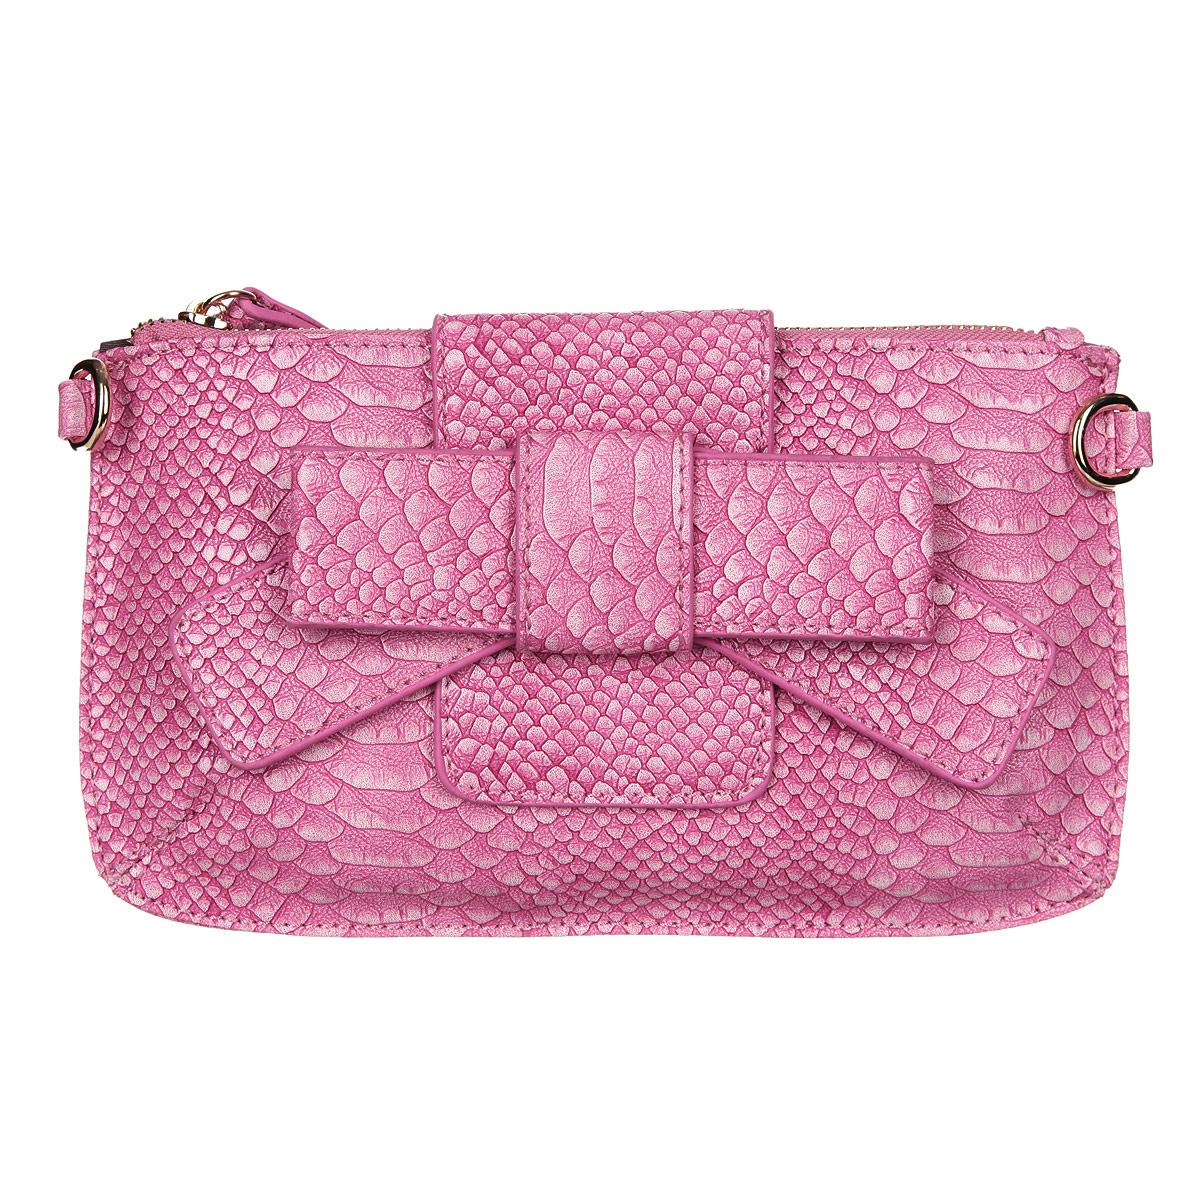 Сумка женская Baggini, цвет: розовый. 35012/6335012/63Сумка жен. ,иск. Кожа